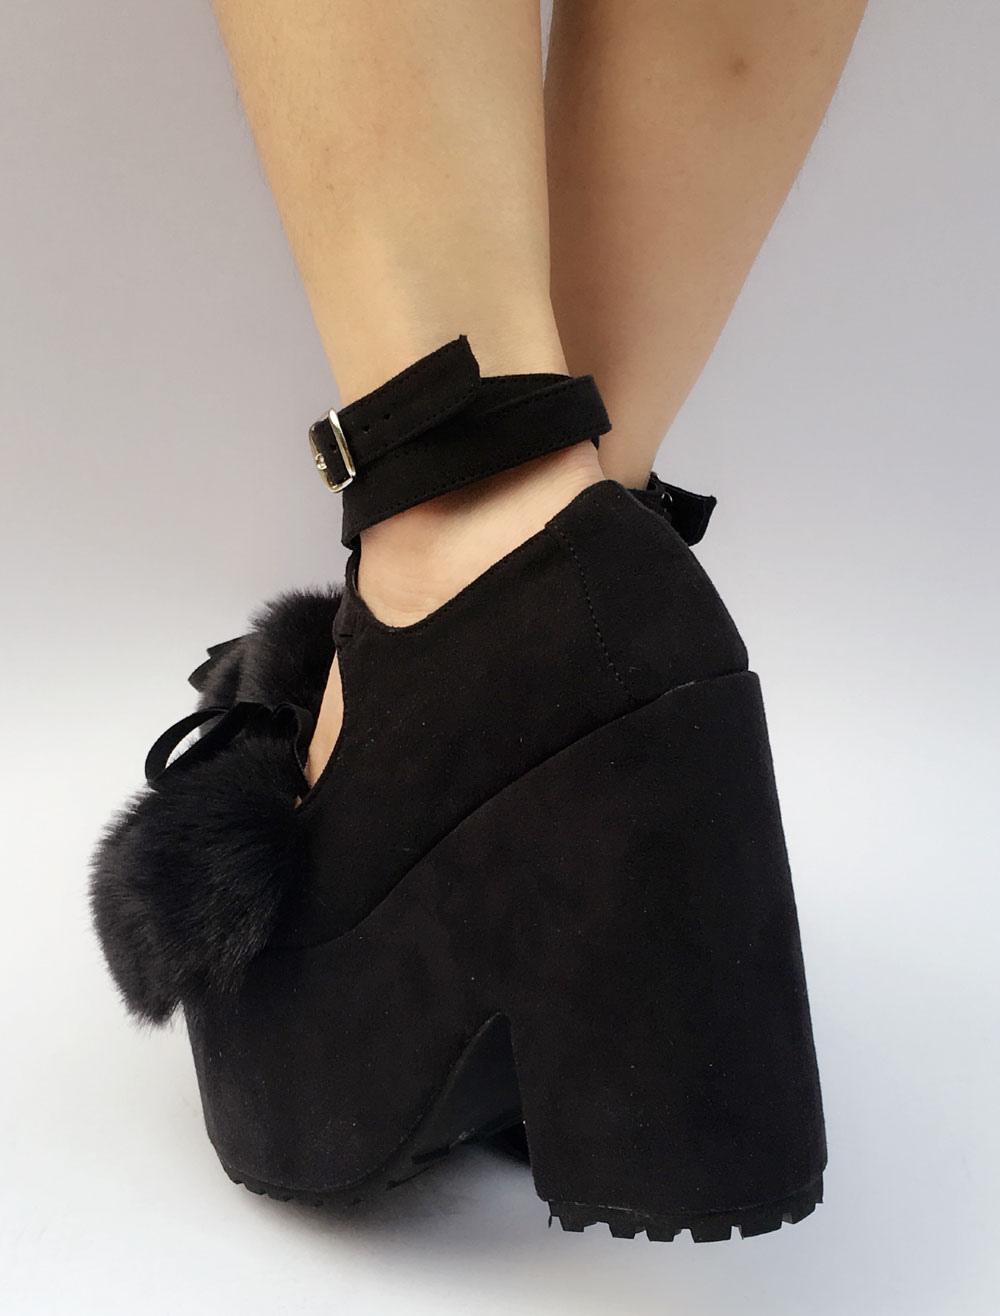 Ante Lolita zapatos negros plataforma tacón grueso piel sintética arco Cruz tobillo frontal correa Lolita bombas s2rsB